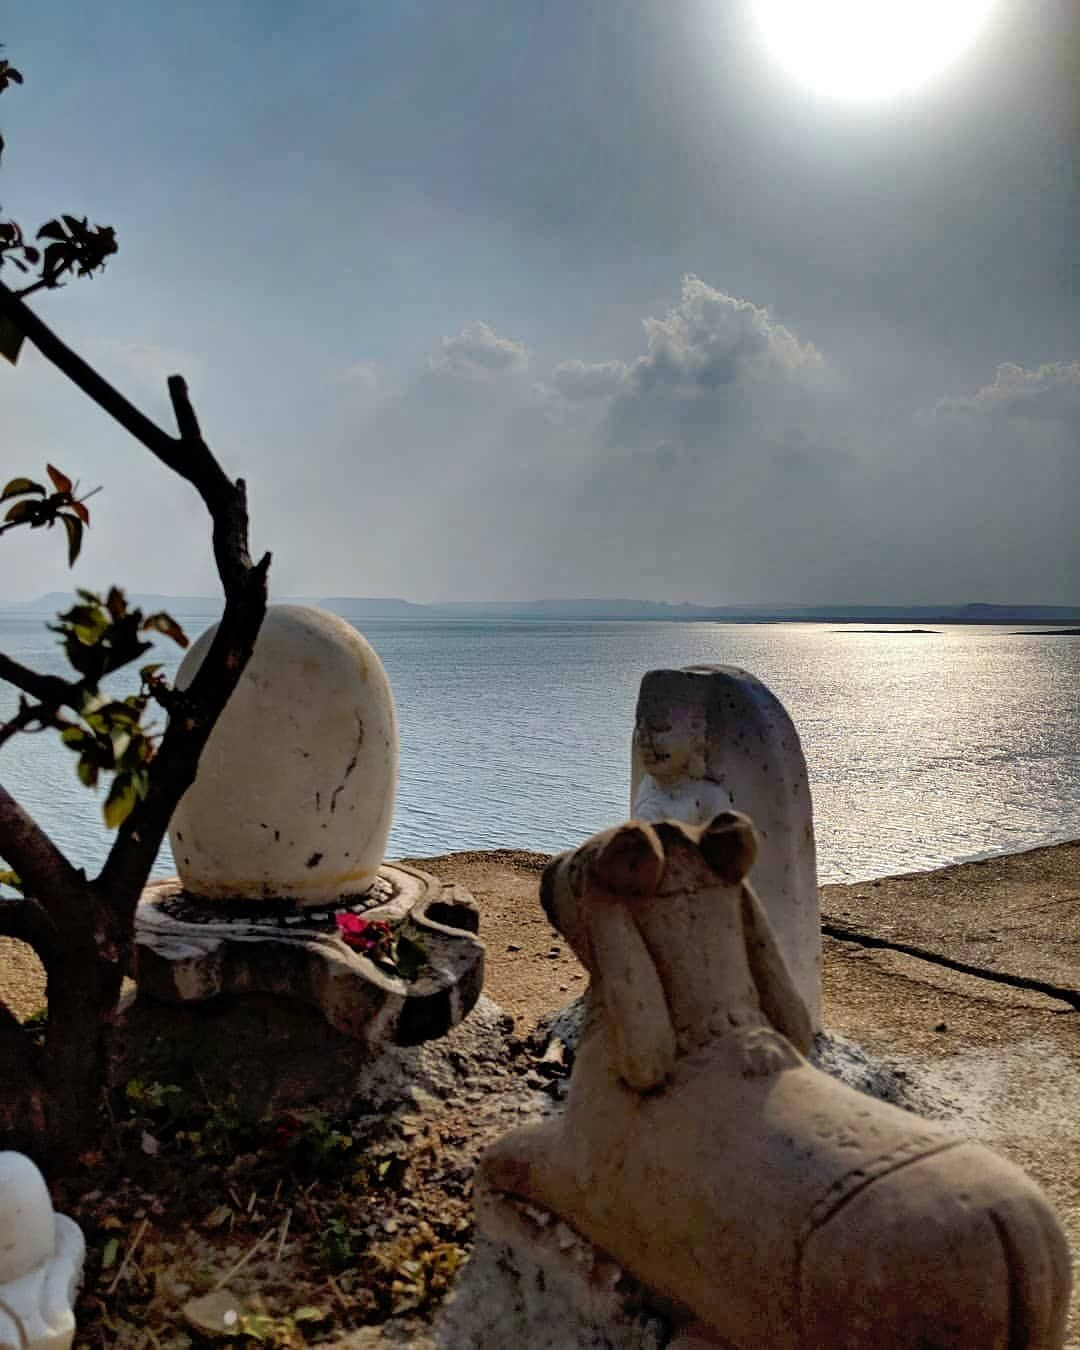 समग्र सृष्टि जिनसे उत्पन्न होती है, स्थिति काल में सृष्टि जिनमें वास करती है, व सृष्टि के कण-कण में जो वास करते हैं। तथा प्रलय काल में समग्र सृष्टि जिनमें लीन हो जाती है उन त्रिपुरारी बाबा भोलेनाथ को हम नमन करते हैं।  ॐ रं ॐ नमः शिवाय 🙏  #ShivLinga #baba #lordshiva #shiva #shiv #bholenath #harharmahadev #bholenath #ShivShankara #shankar #bolenath #shivshankar #mahadev #mahakal #shivshambhu #shivbhakti #shivtandav #shivshakti #tandav #shivtandav #shivmantra #jaishivshankar